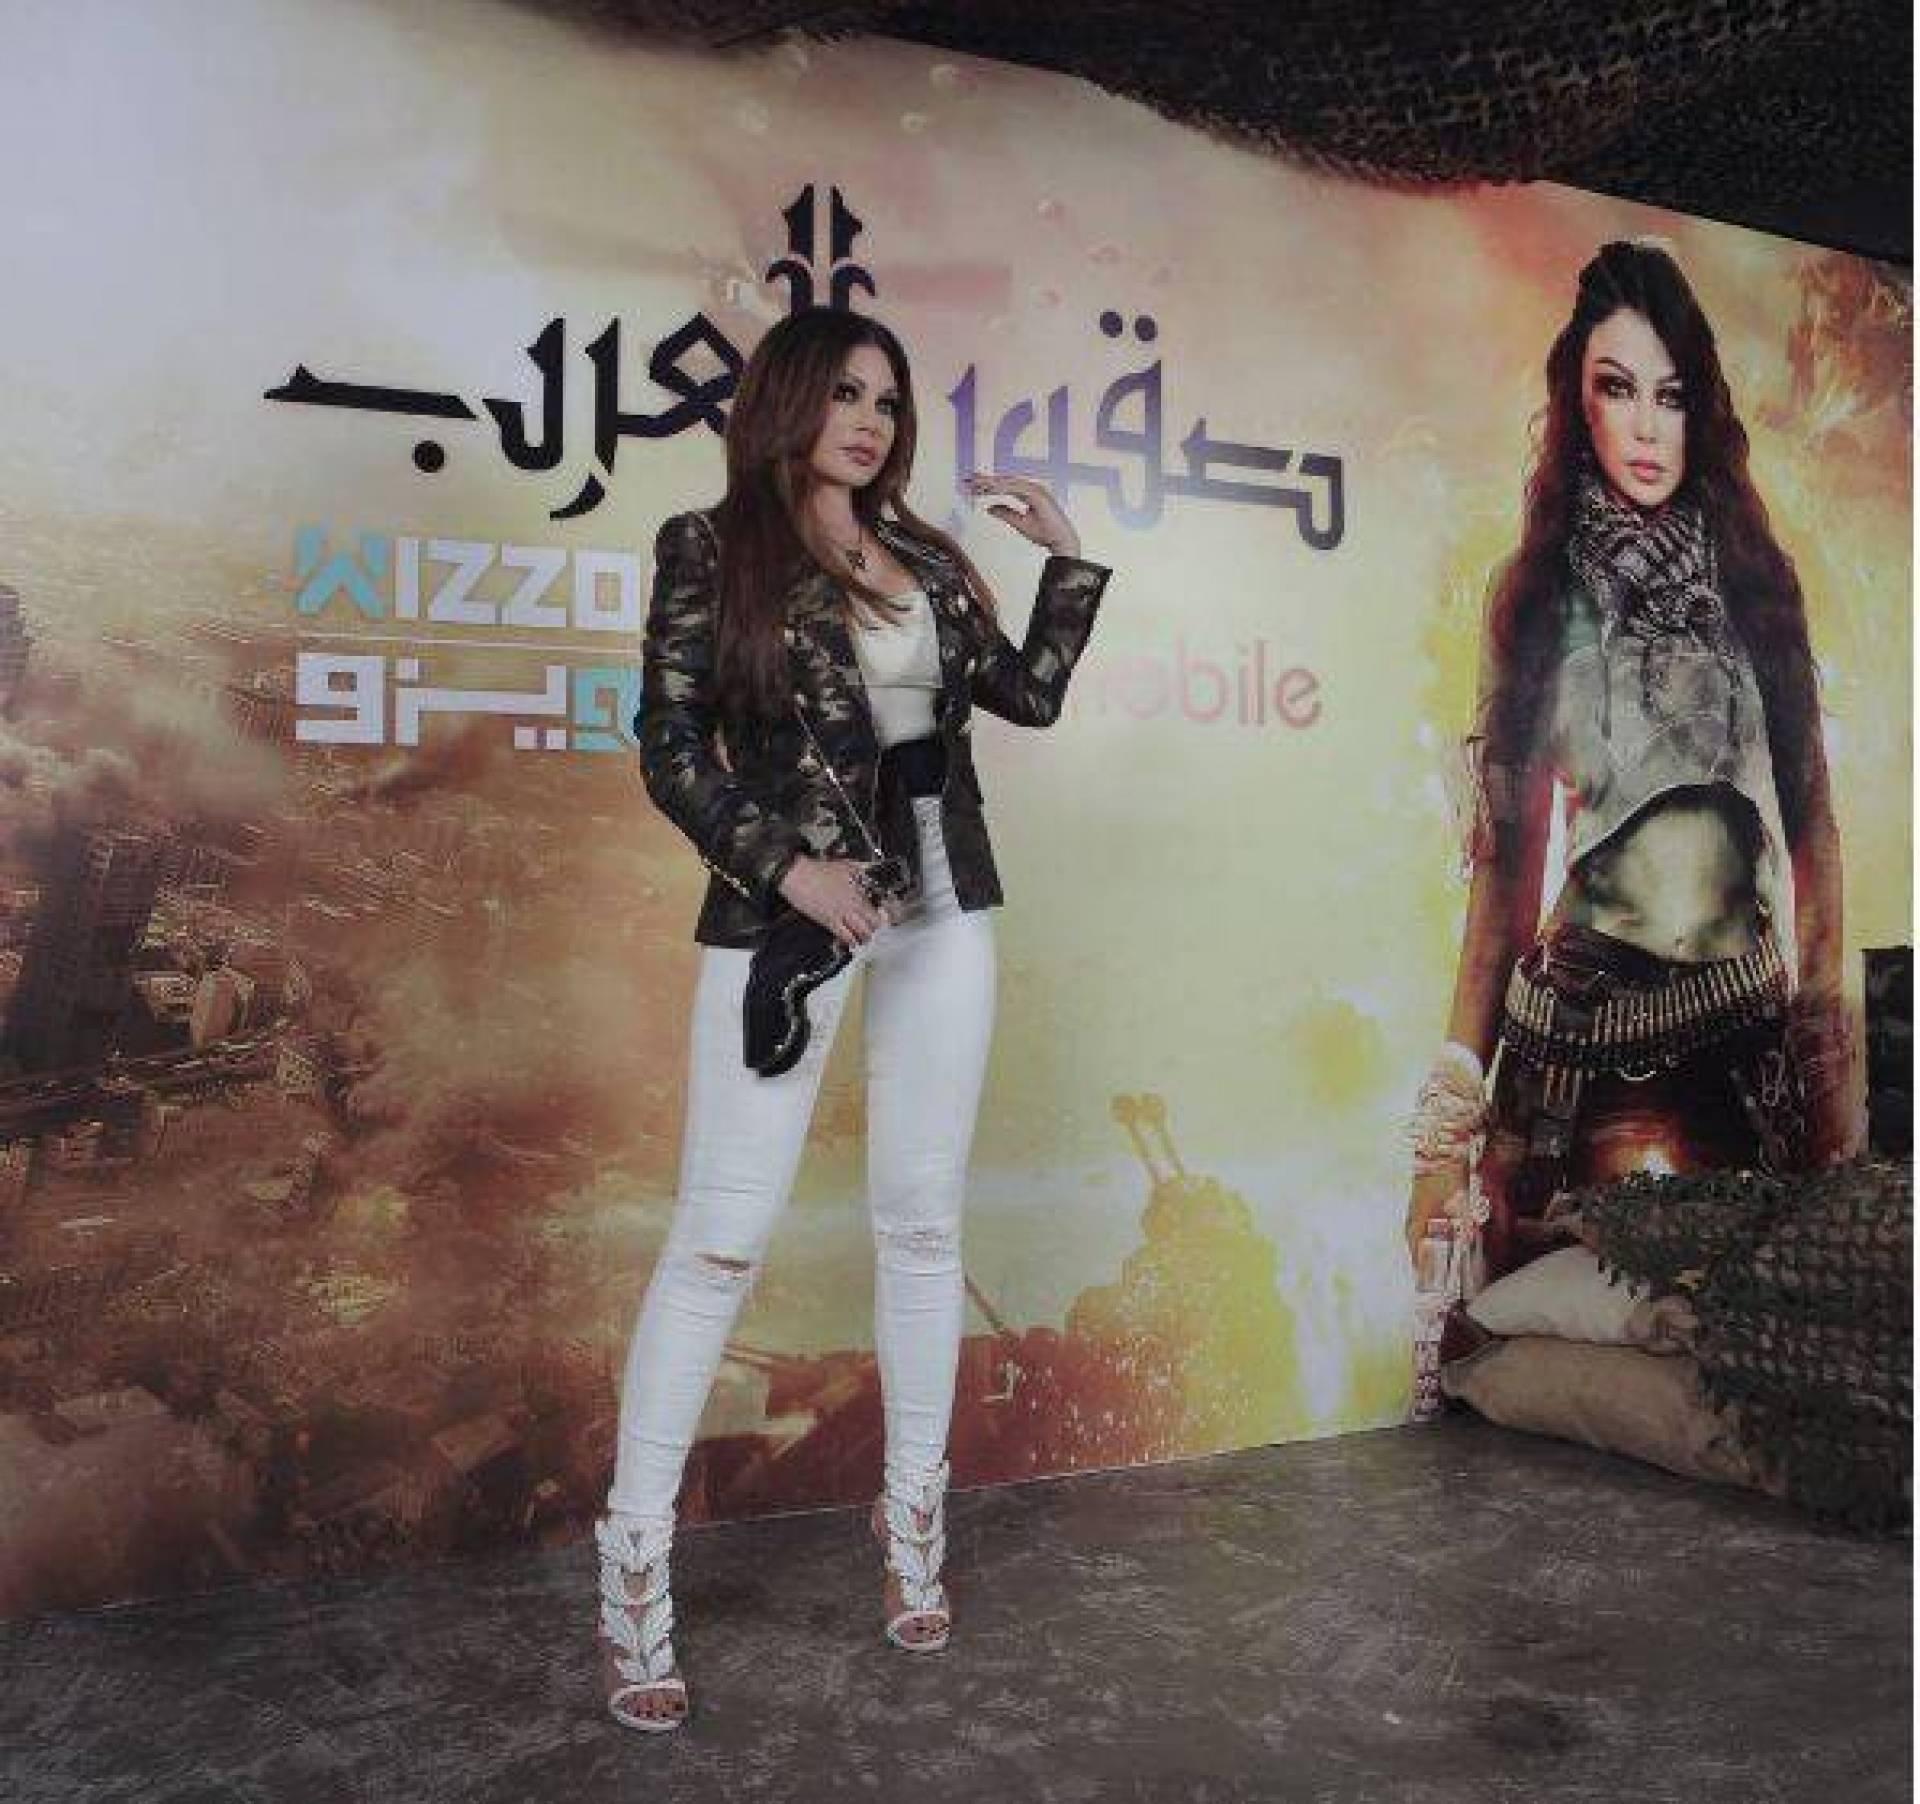 بالفيديو – بعد لعبة  صقور العرب .. هيفاء وهبي تعترف بامتلاكها سلاحاً حقيقياً   Laha Magazine